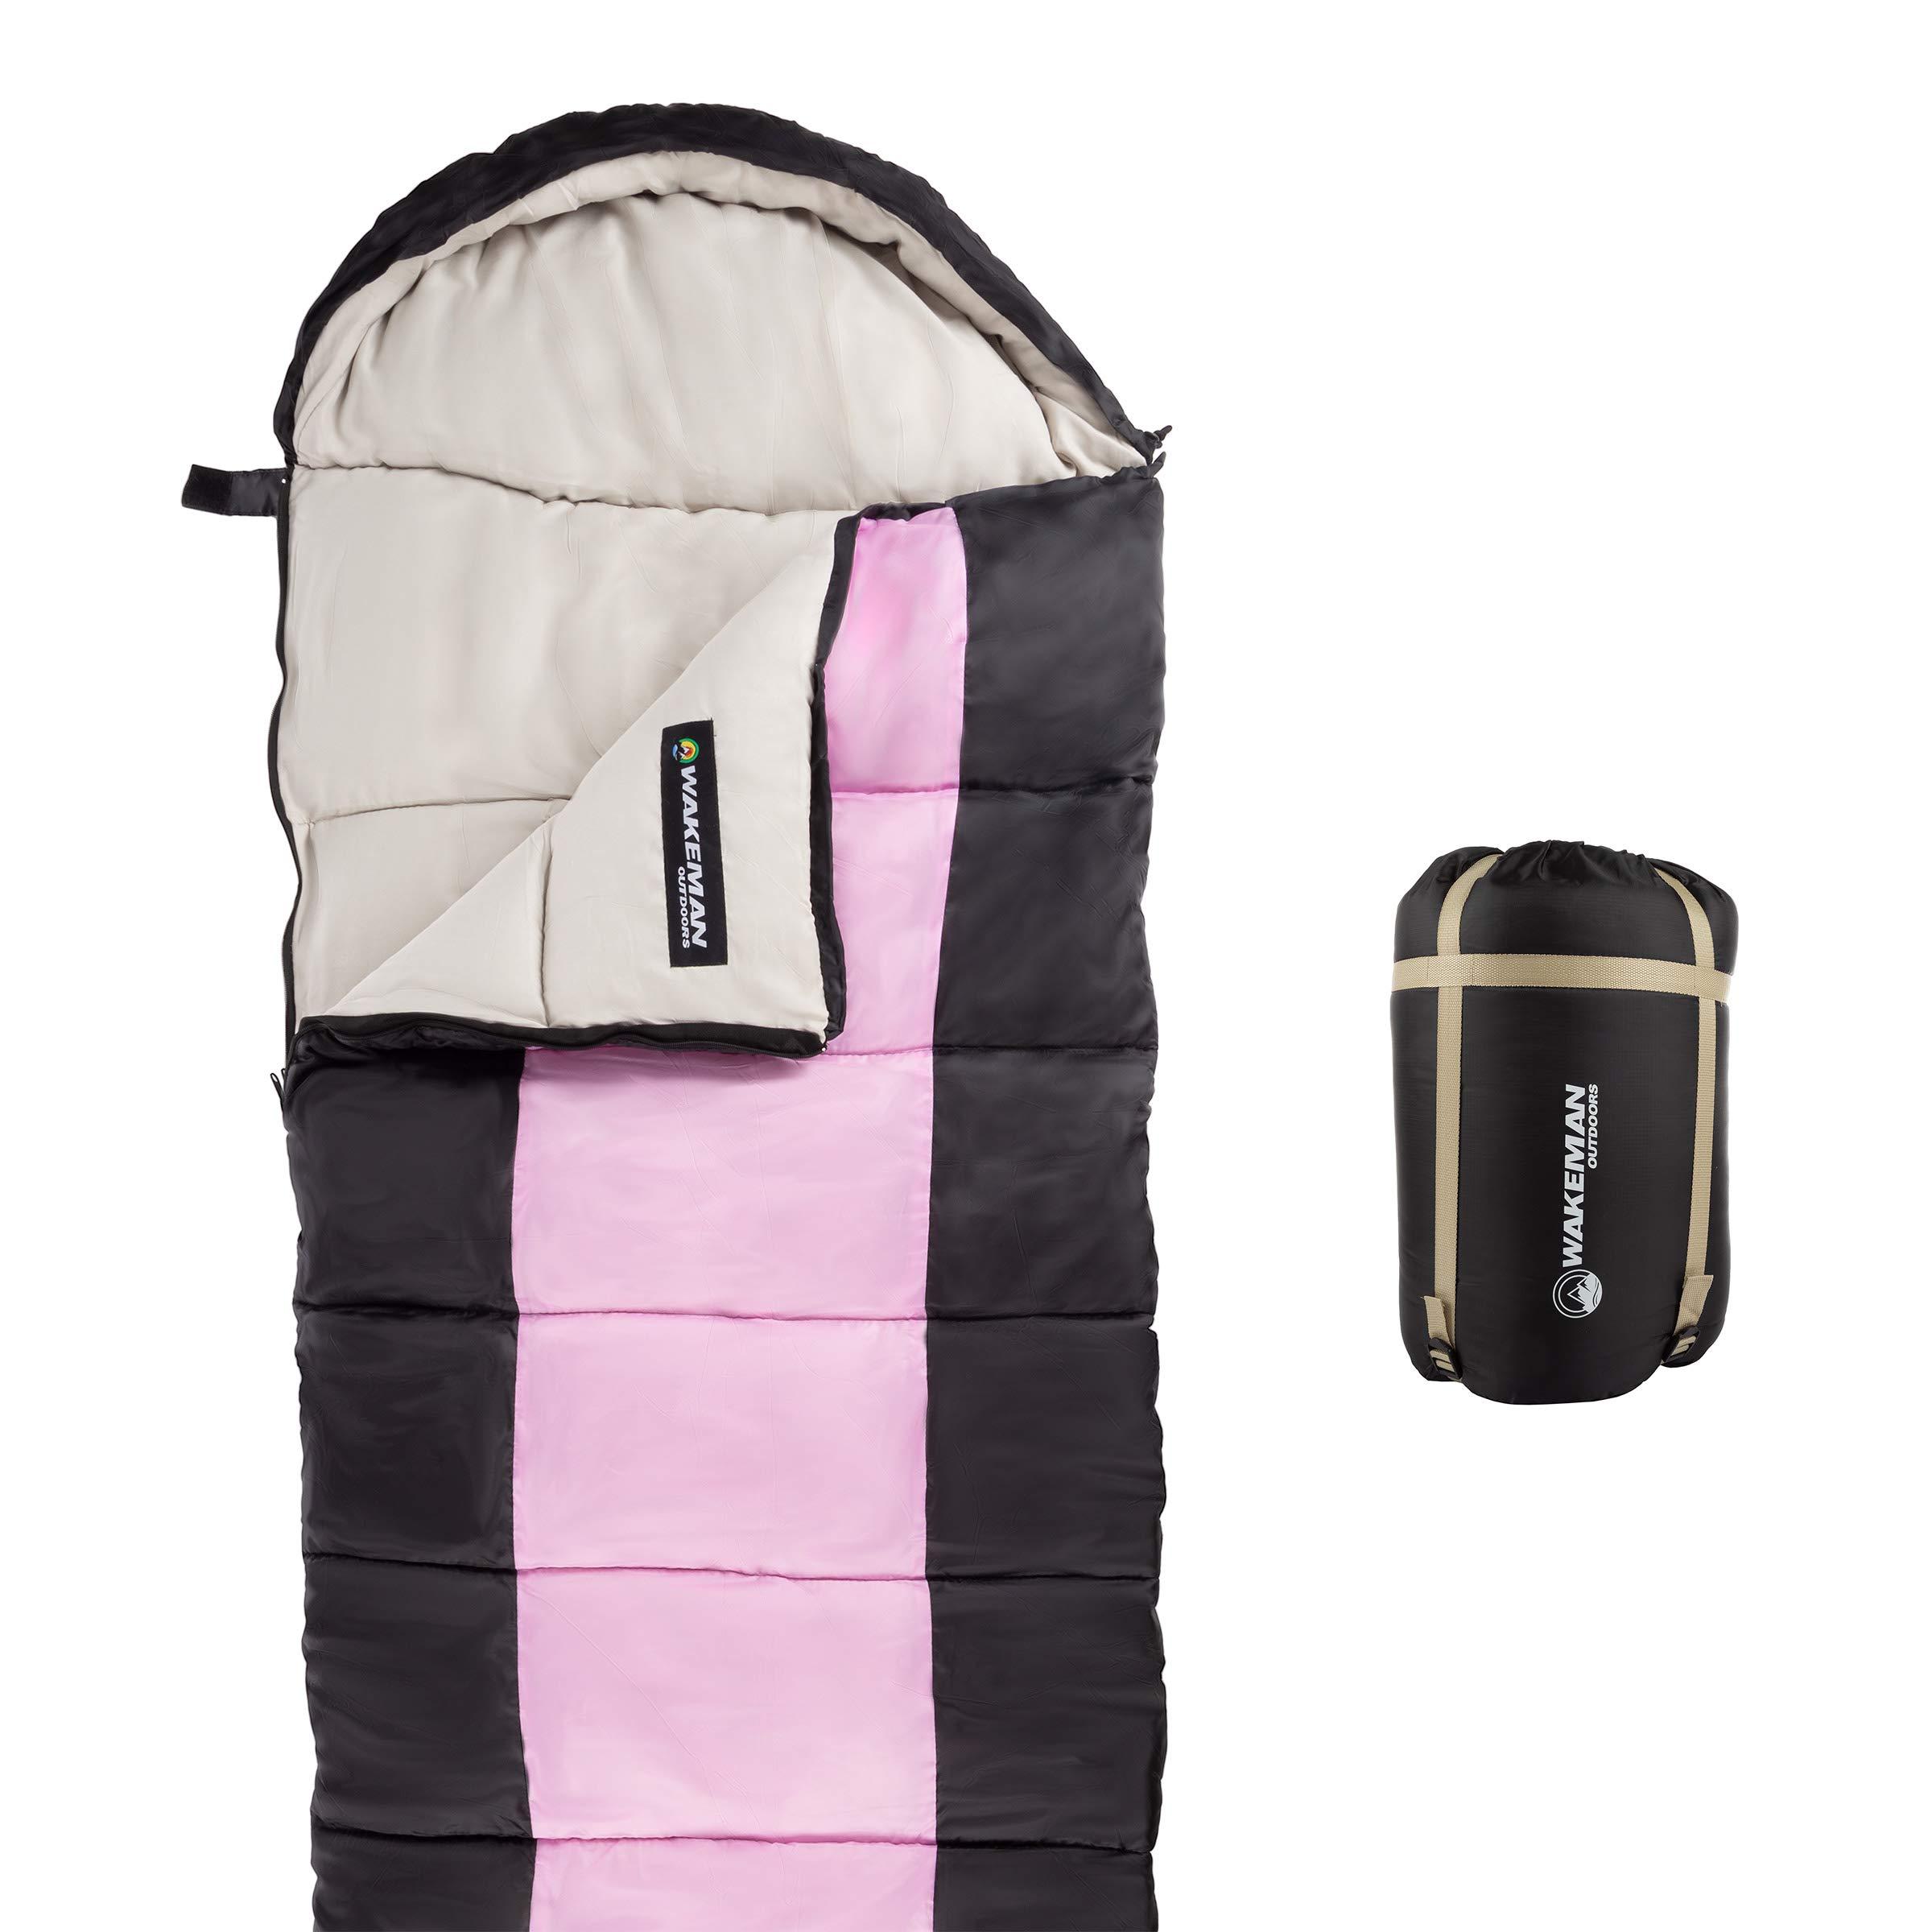 Save 17% on a sleeping bag